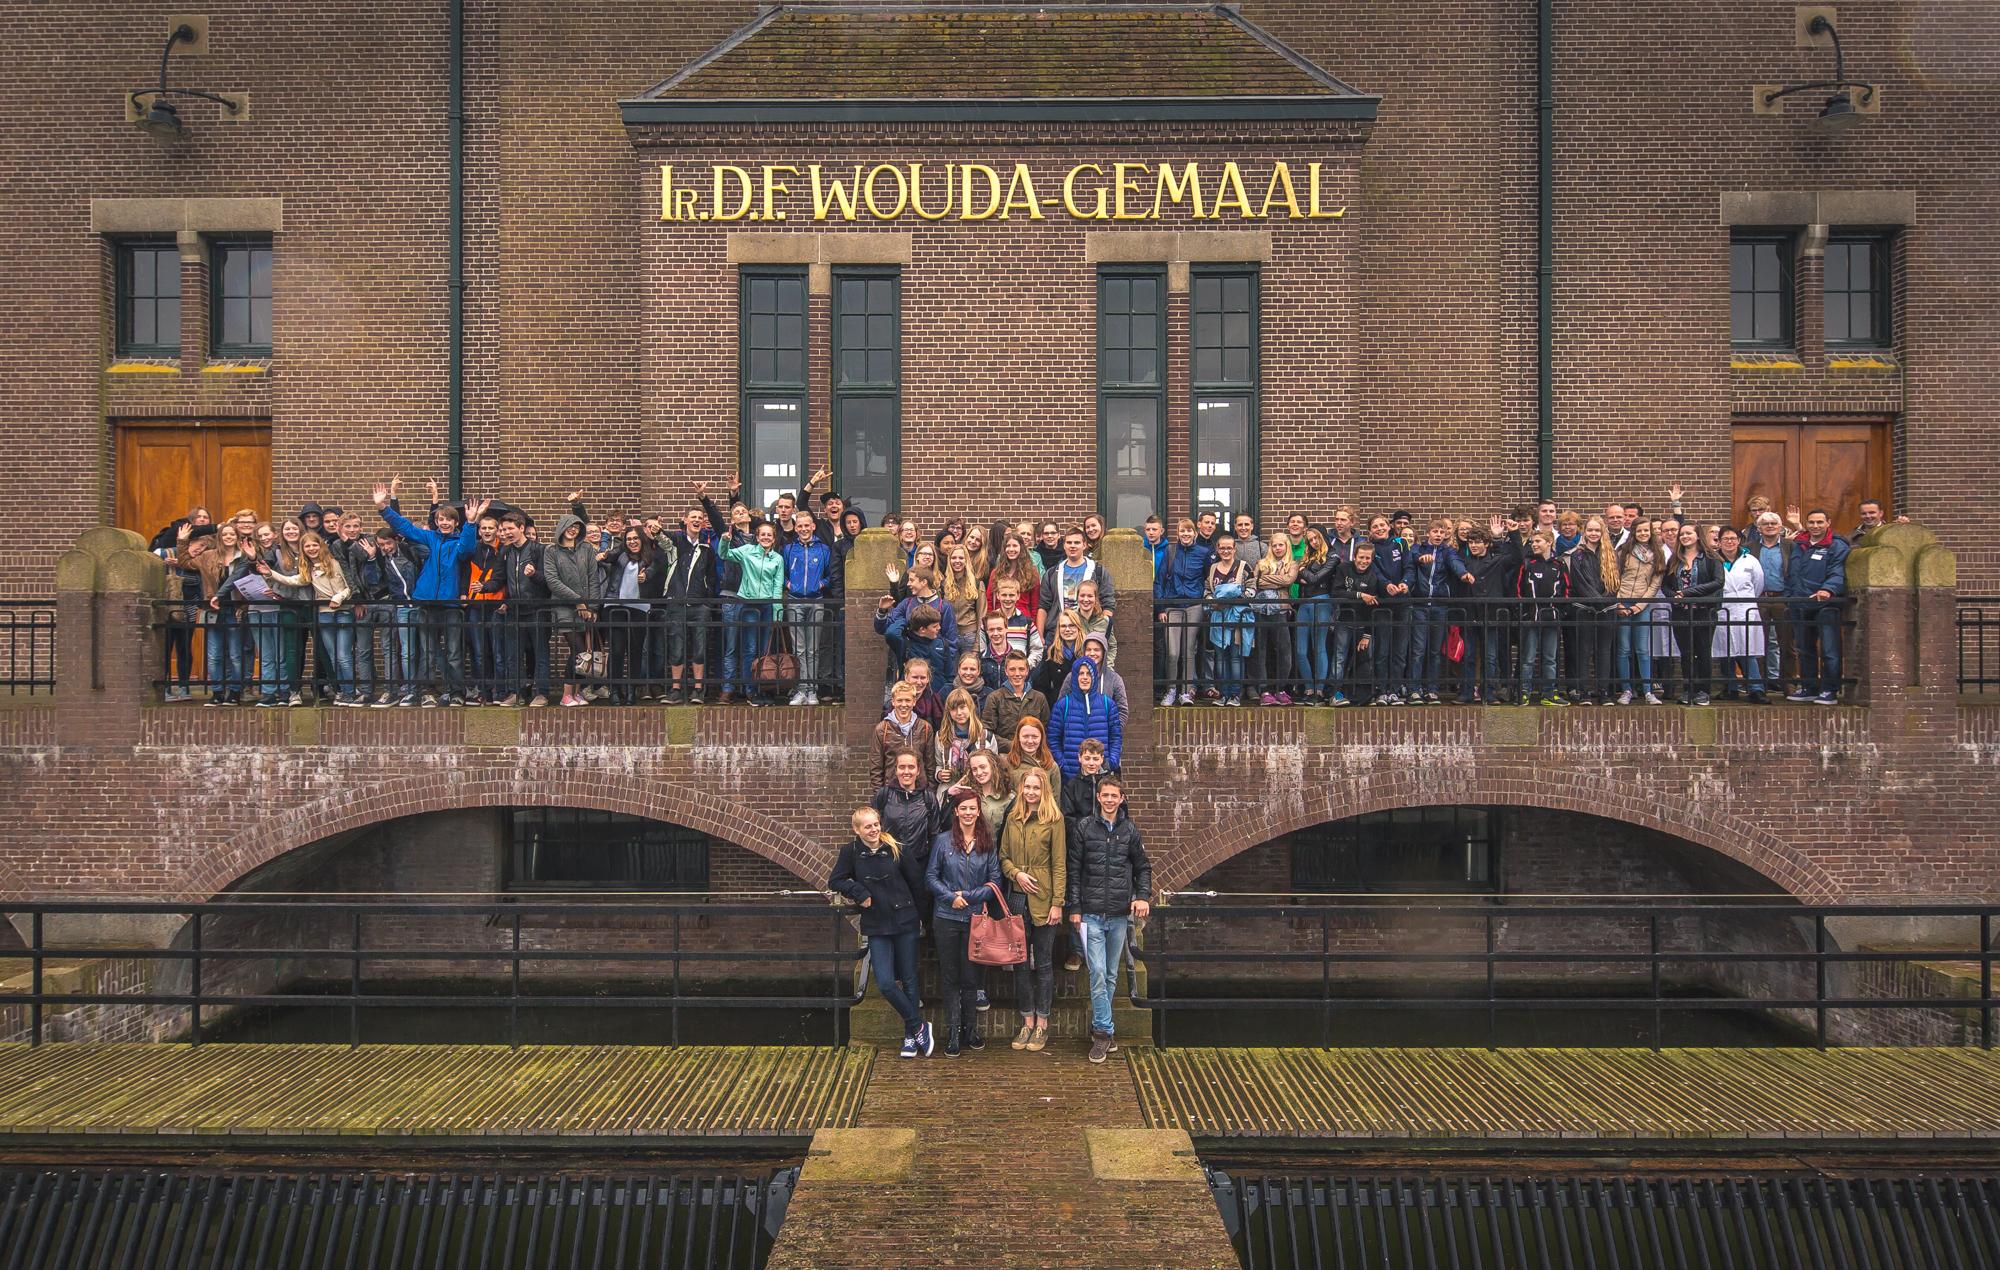 Groepsfoto van het jeugdwatercongres voor het Woudagemaal in Friesland.